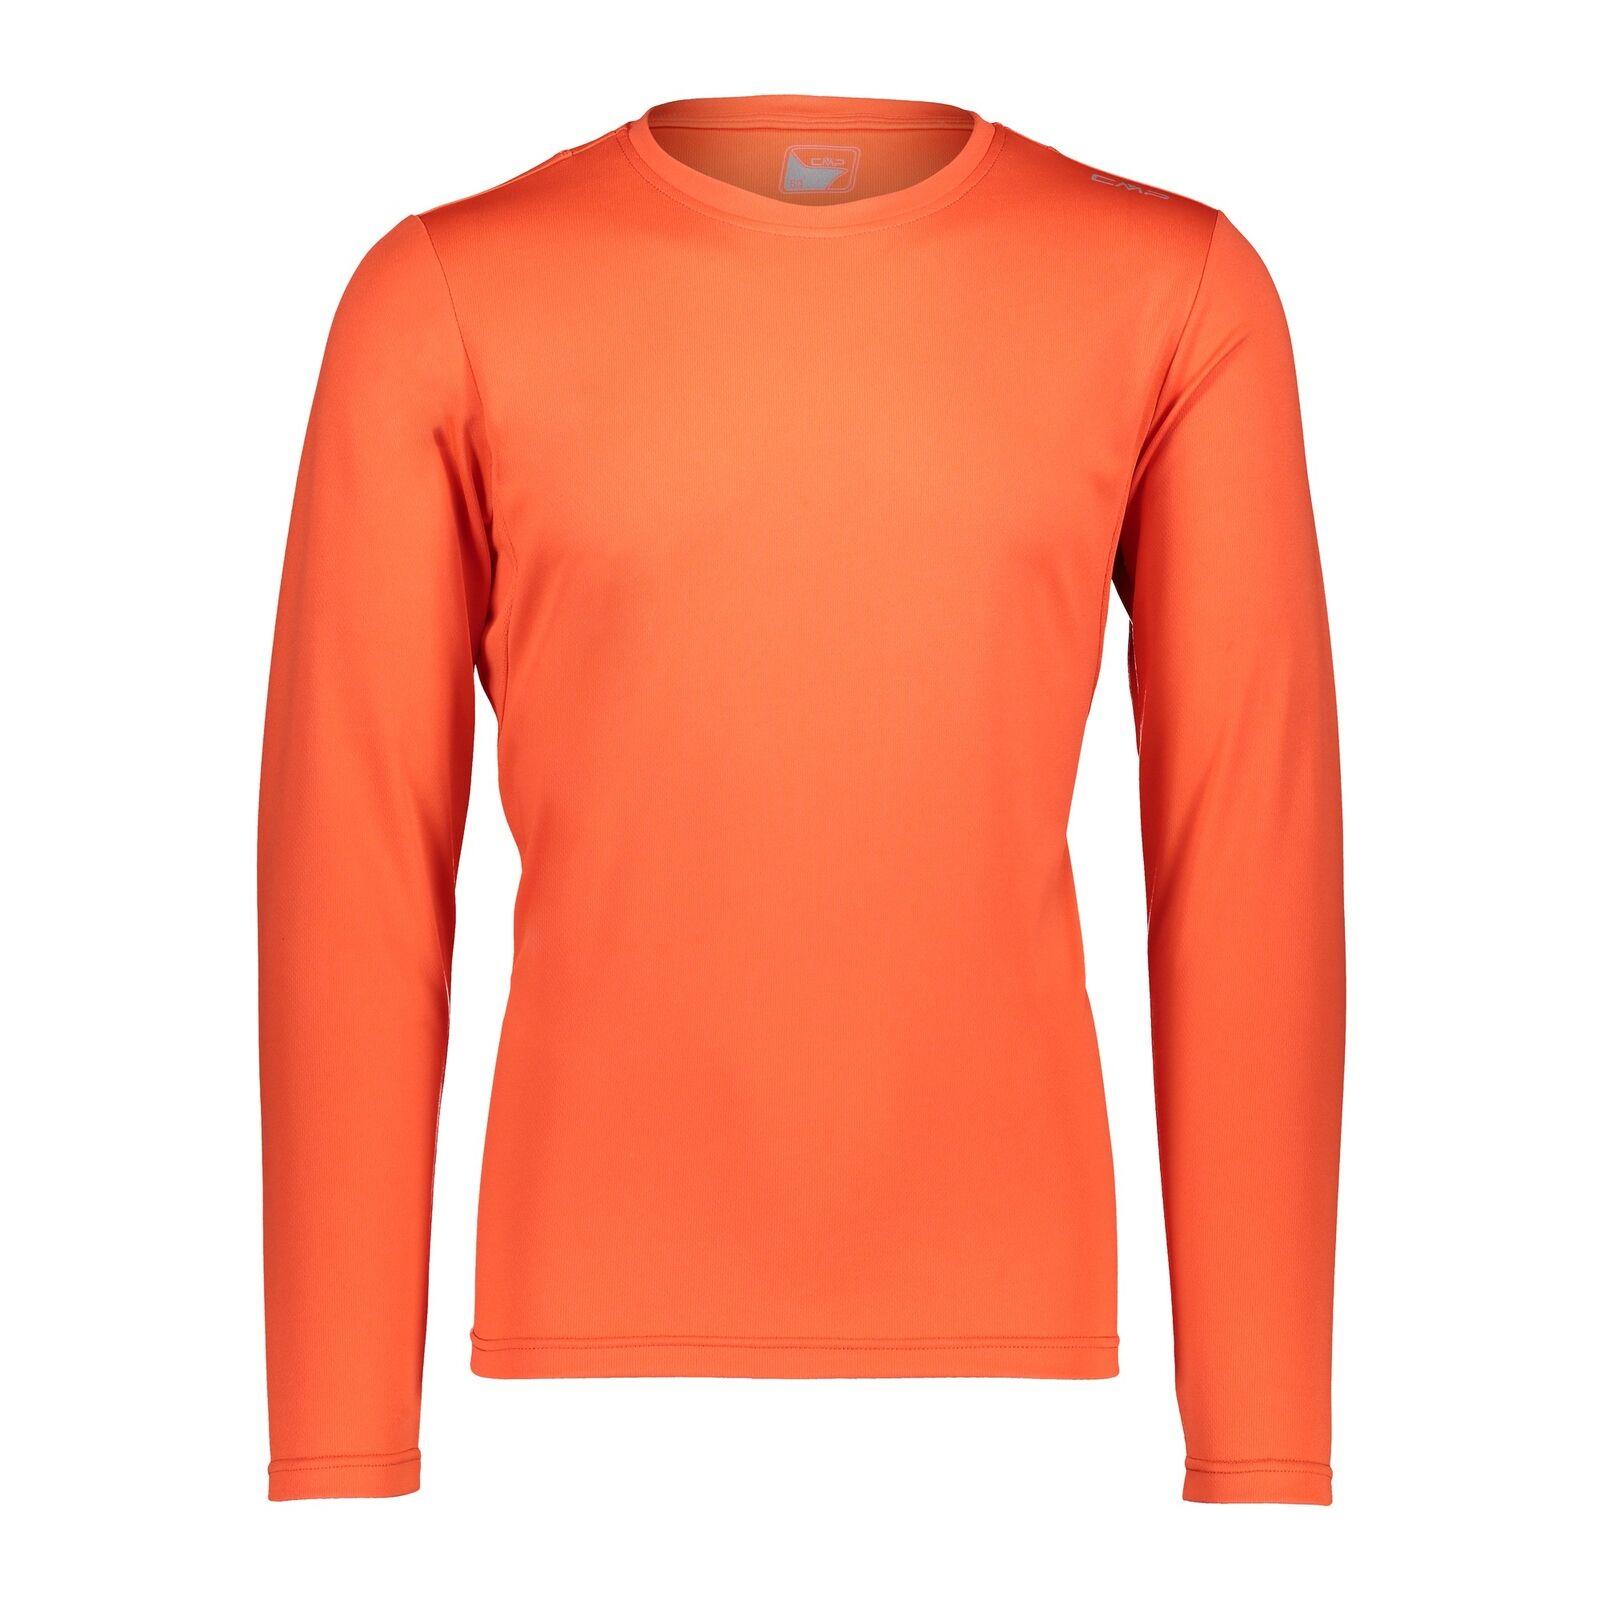 CMP Shirt Fonctionnel  un Tee-Shirt Winddichte COQUE Du Vent orange Coupe-Vent  be in great demand